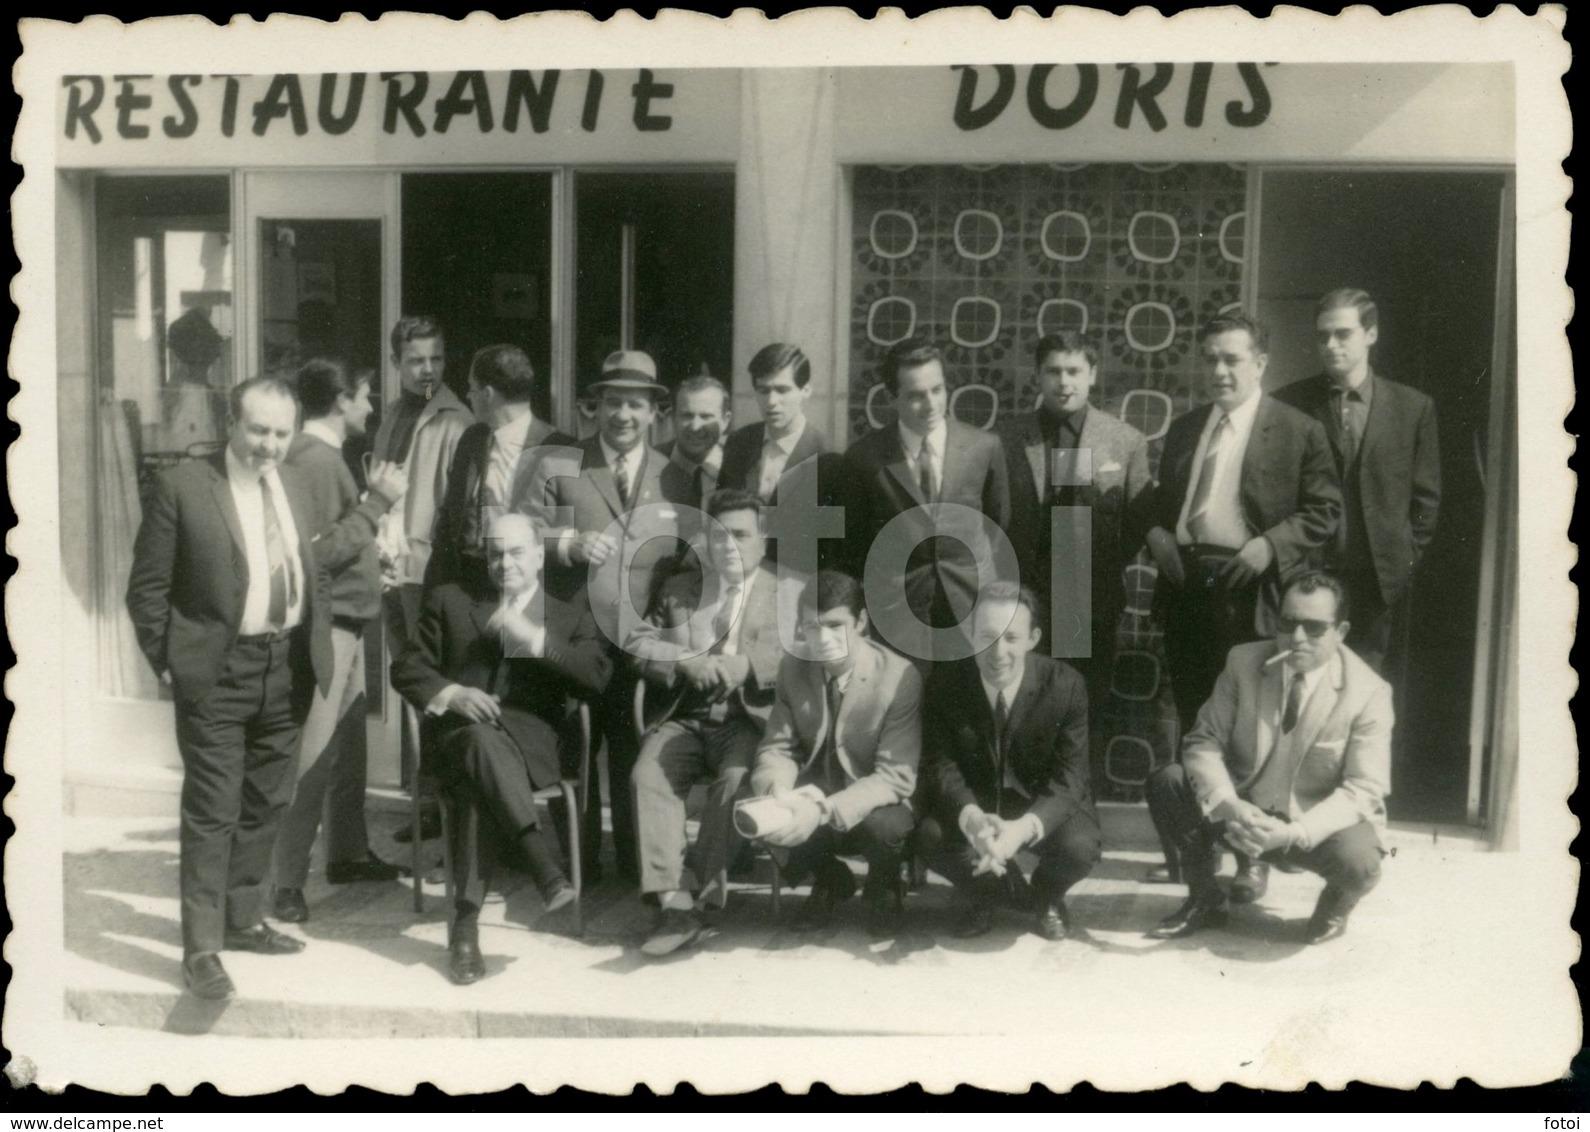 1967 AMATEUR PHOTO FOTO RESTAURANTE DORIS COSTA DA CAPARICA ALMADA PORTUGAL - Places